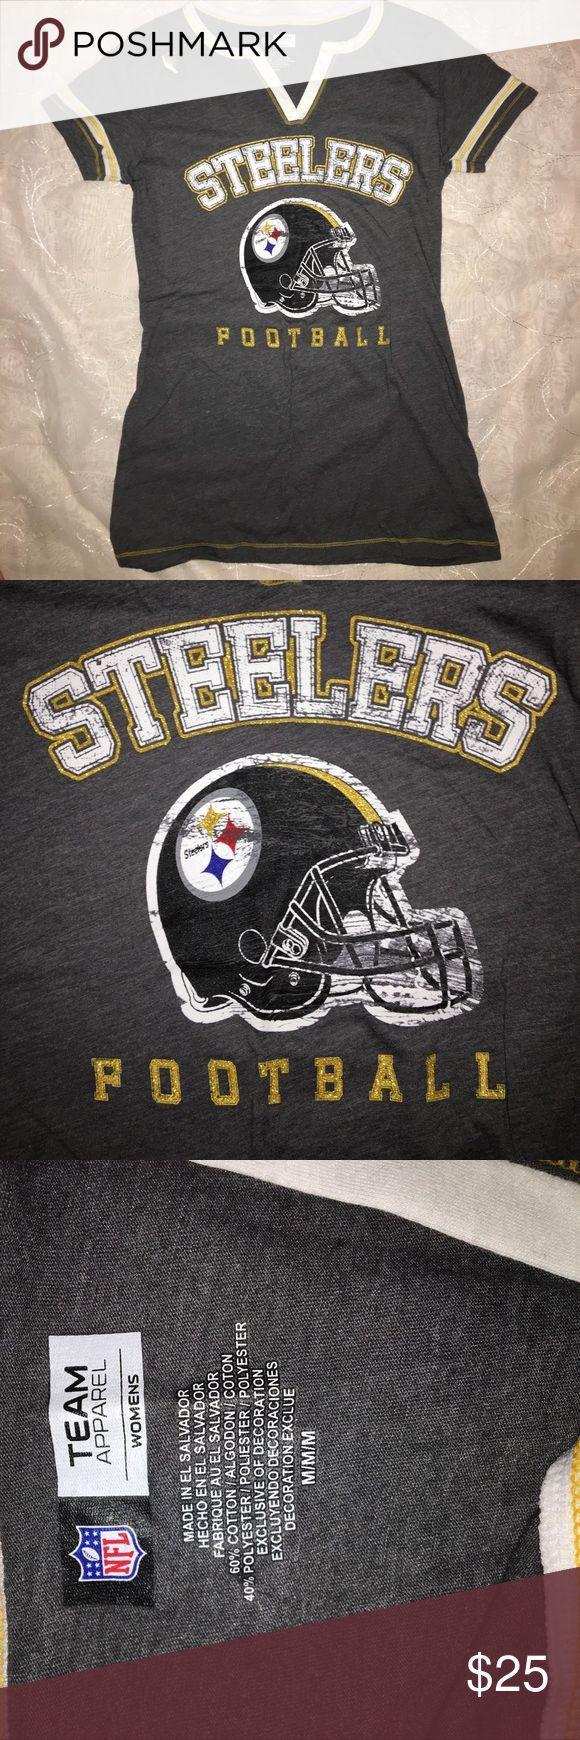 Pittsburgh Steelers T-shirt Grey Pittsburgh Steelers NFL tee shirt Tops Tees - Short Sleeve